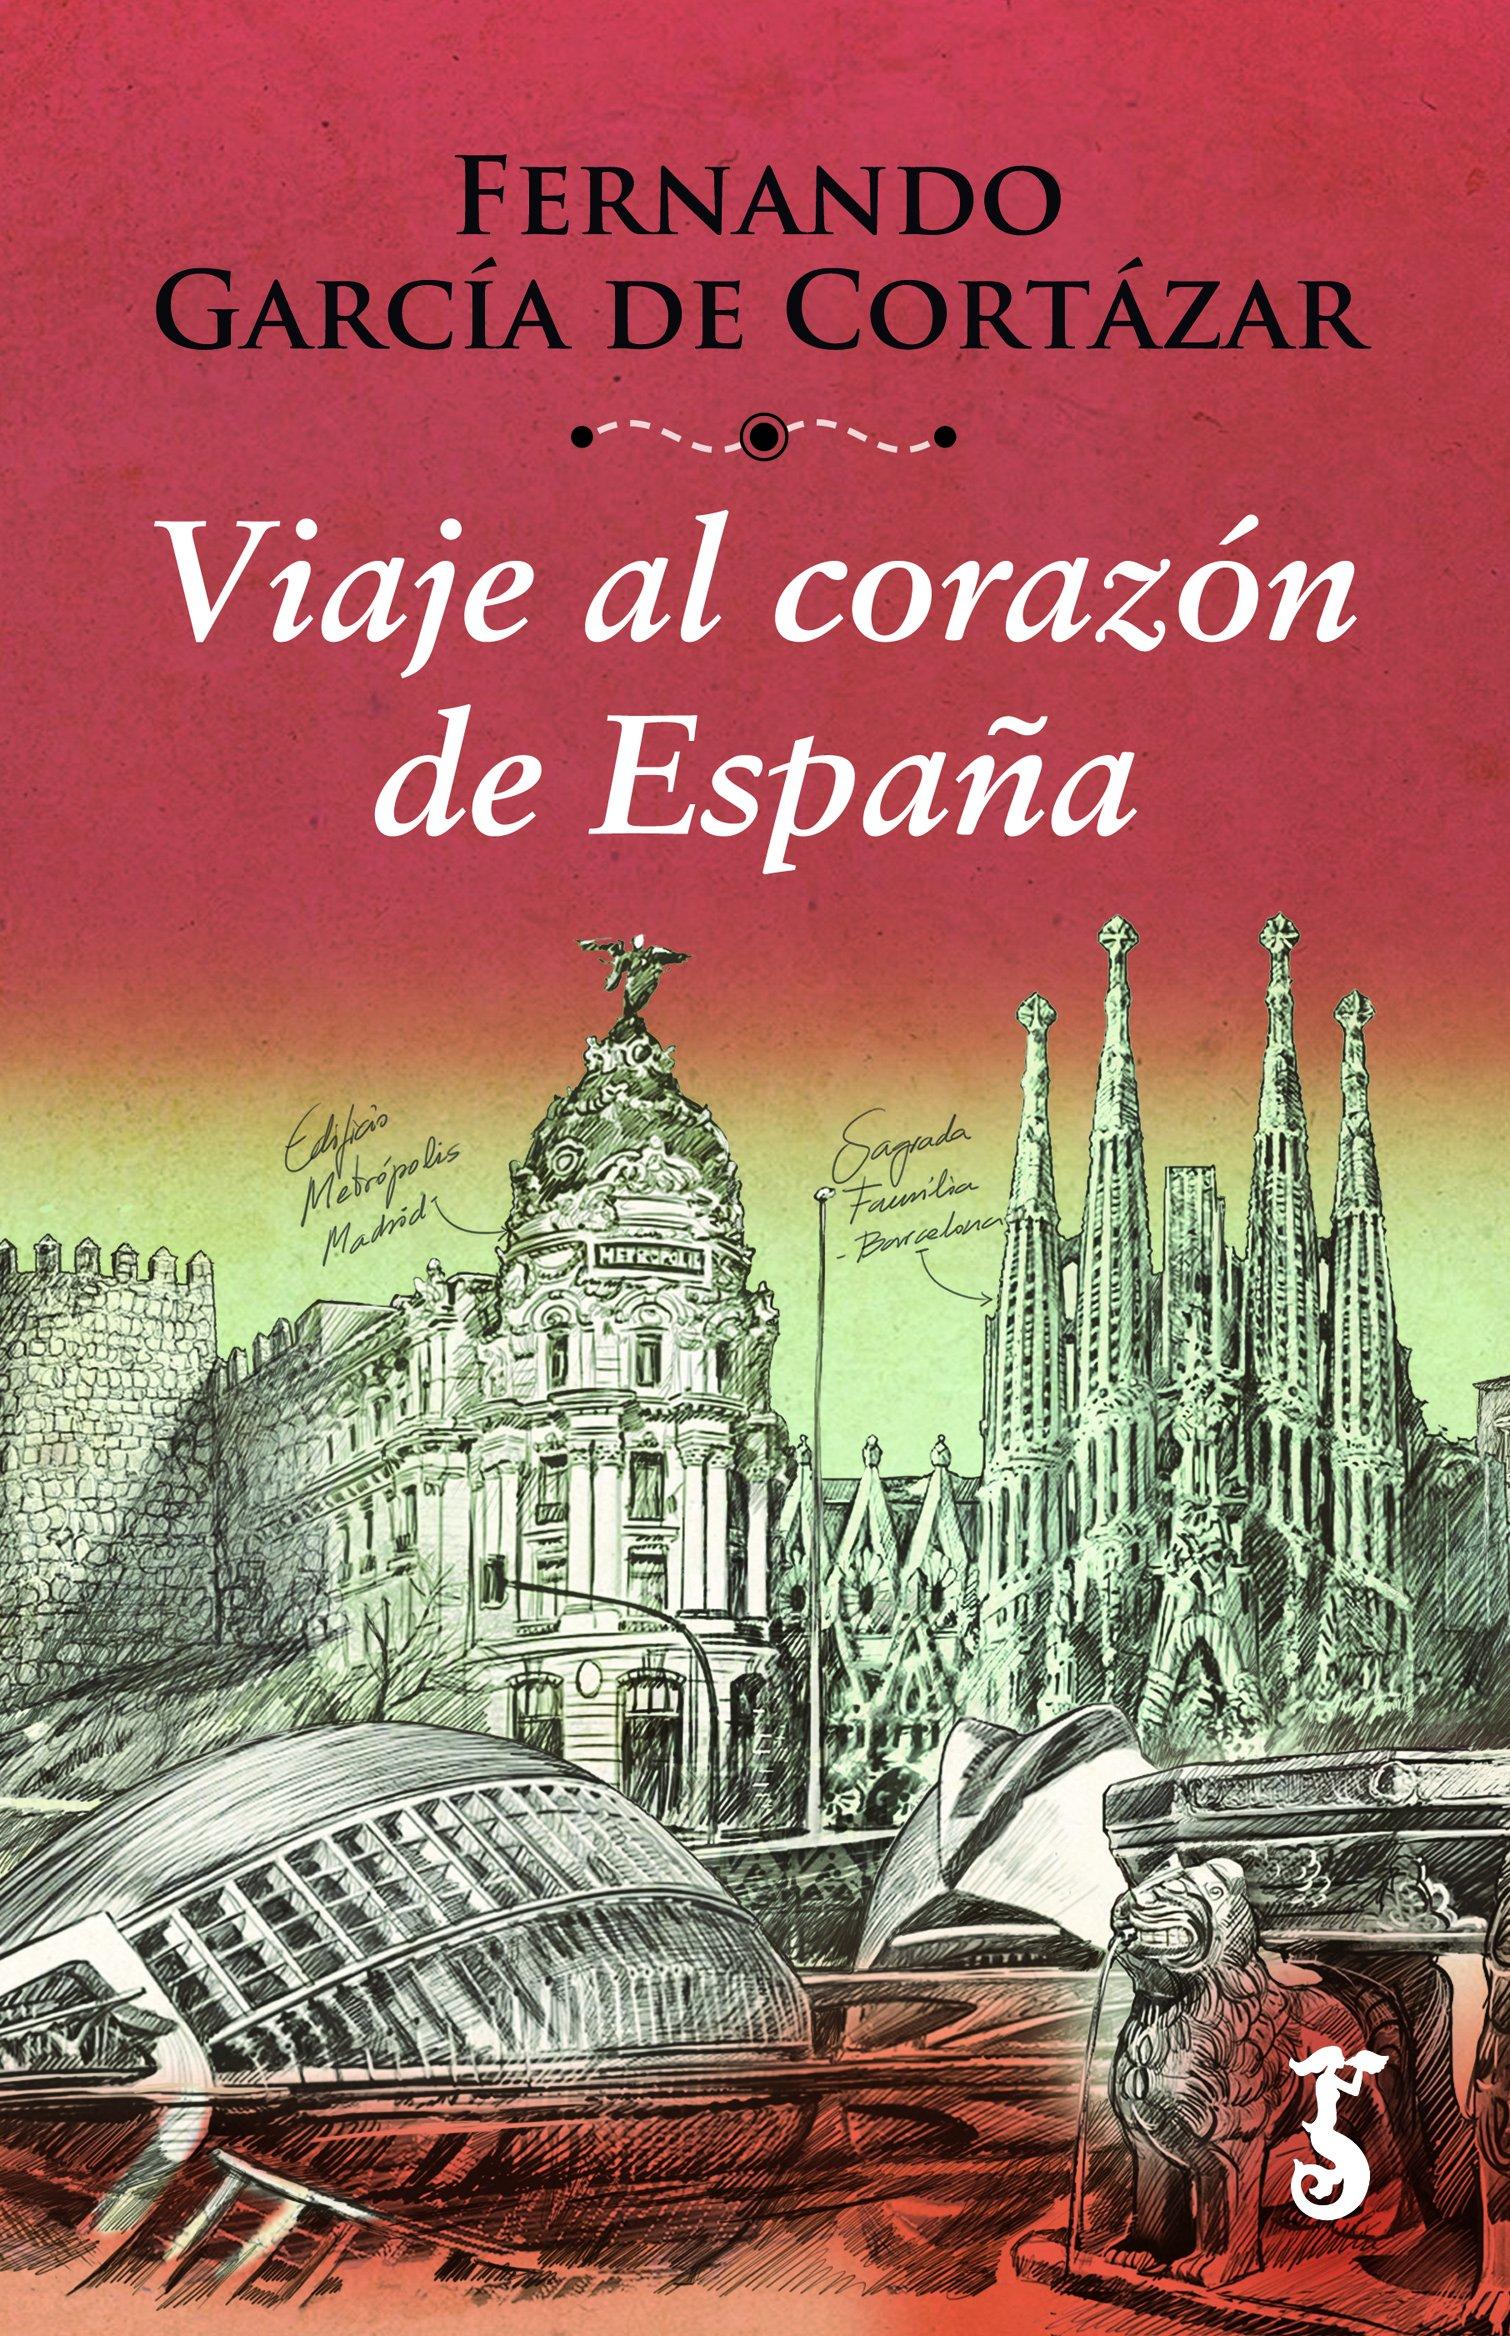 Libricos y Libracos: Novedades Editoriales... - Página 2 91urSFCHzvL